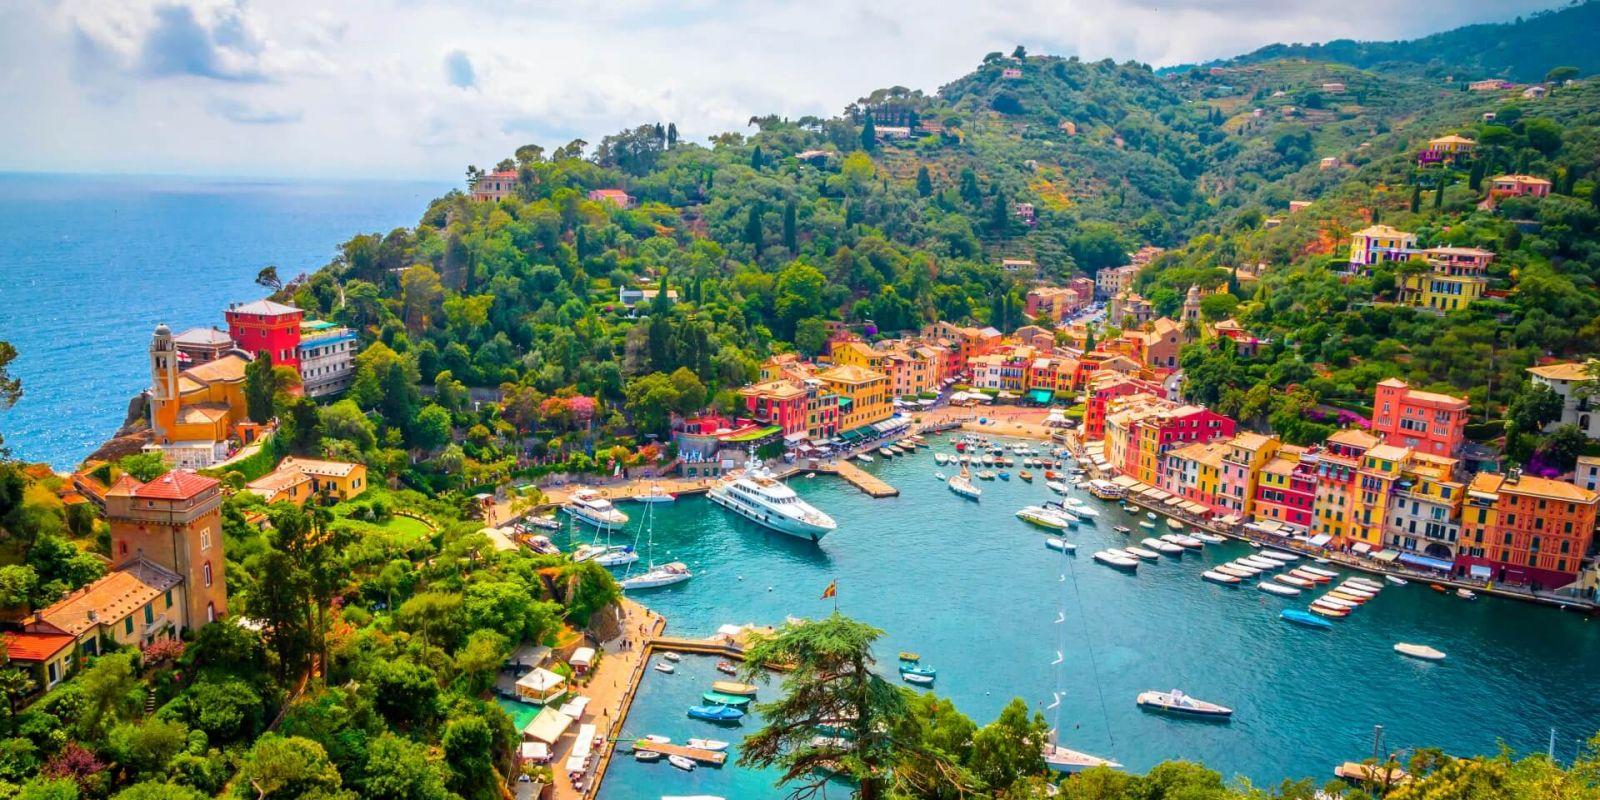 https://www.talamare.fr/medias/Le port de Portofino et ses yachts sur la Riviera italienne